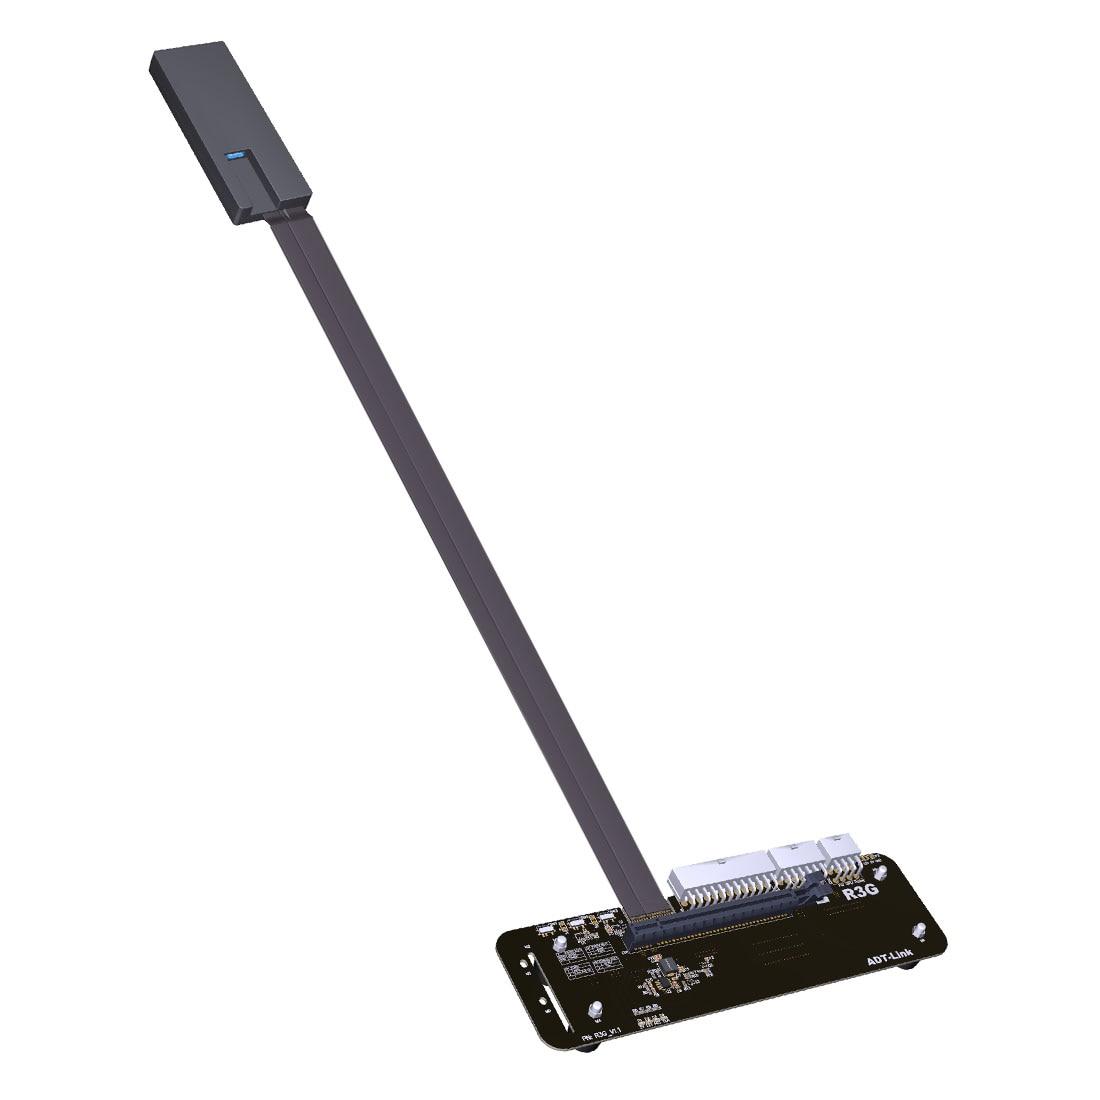 Удлинительный кабель ADT Link R43SG TB3 PCIe x16 PCI e x16 to TB3 PCI Express, адаптер eGPU     АлиЭкспресс